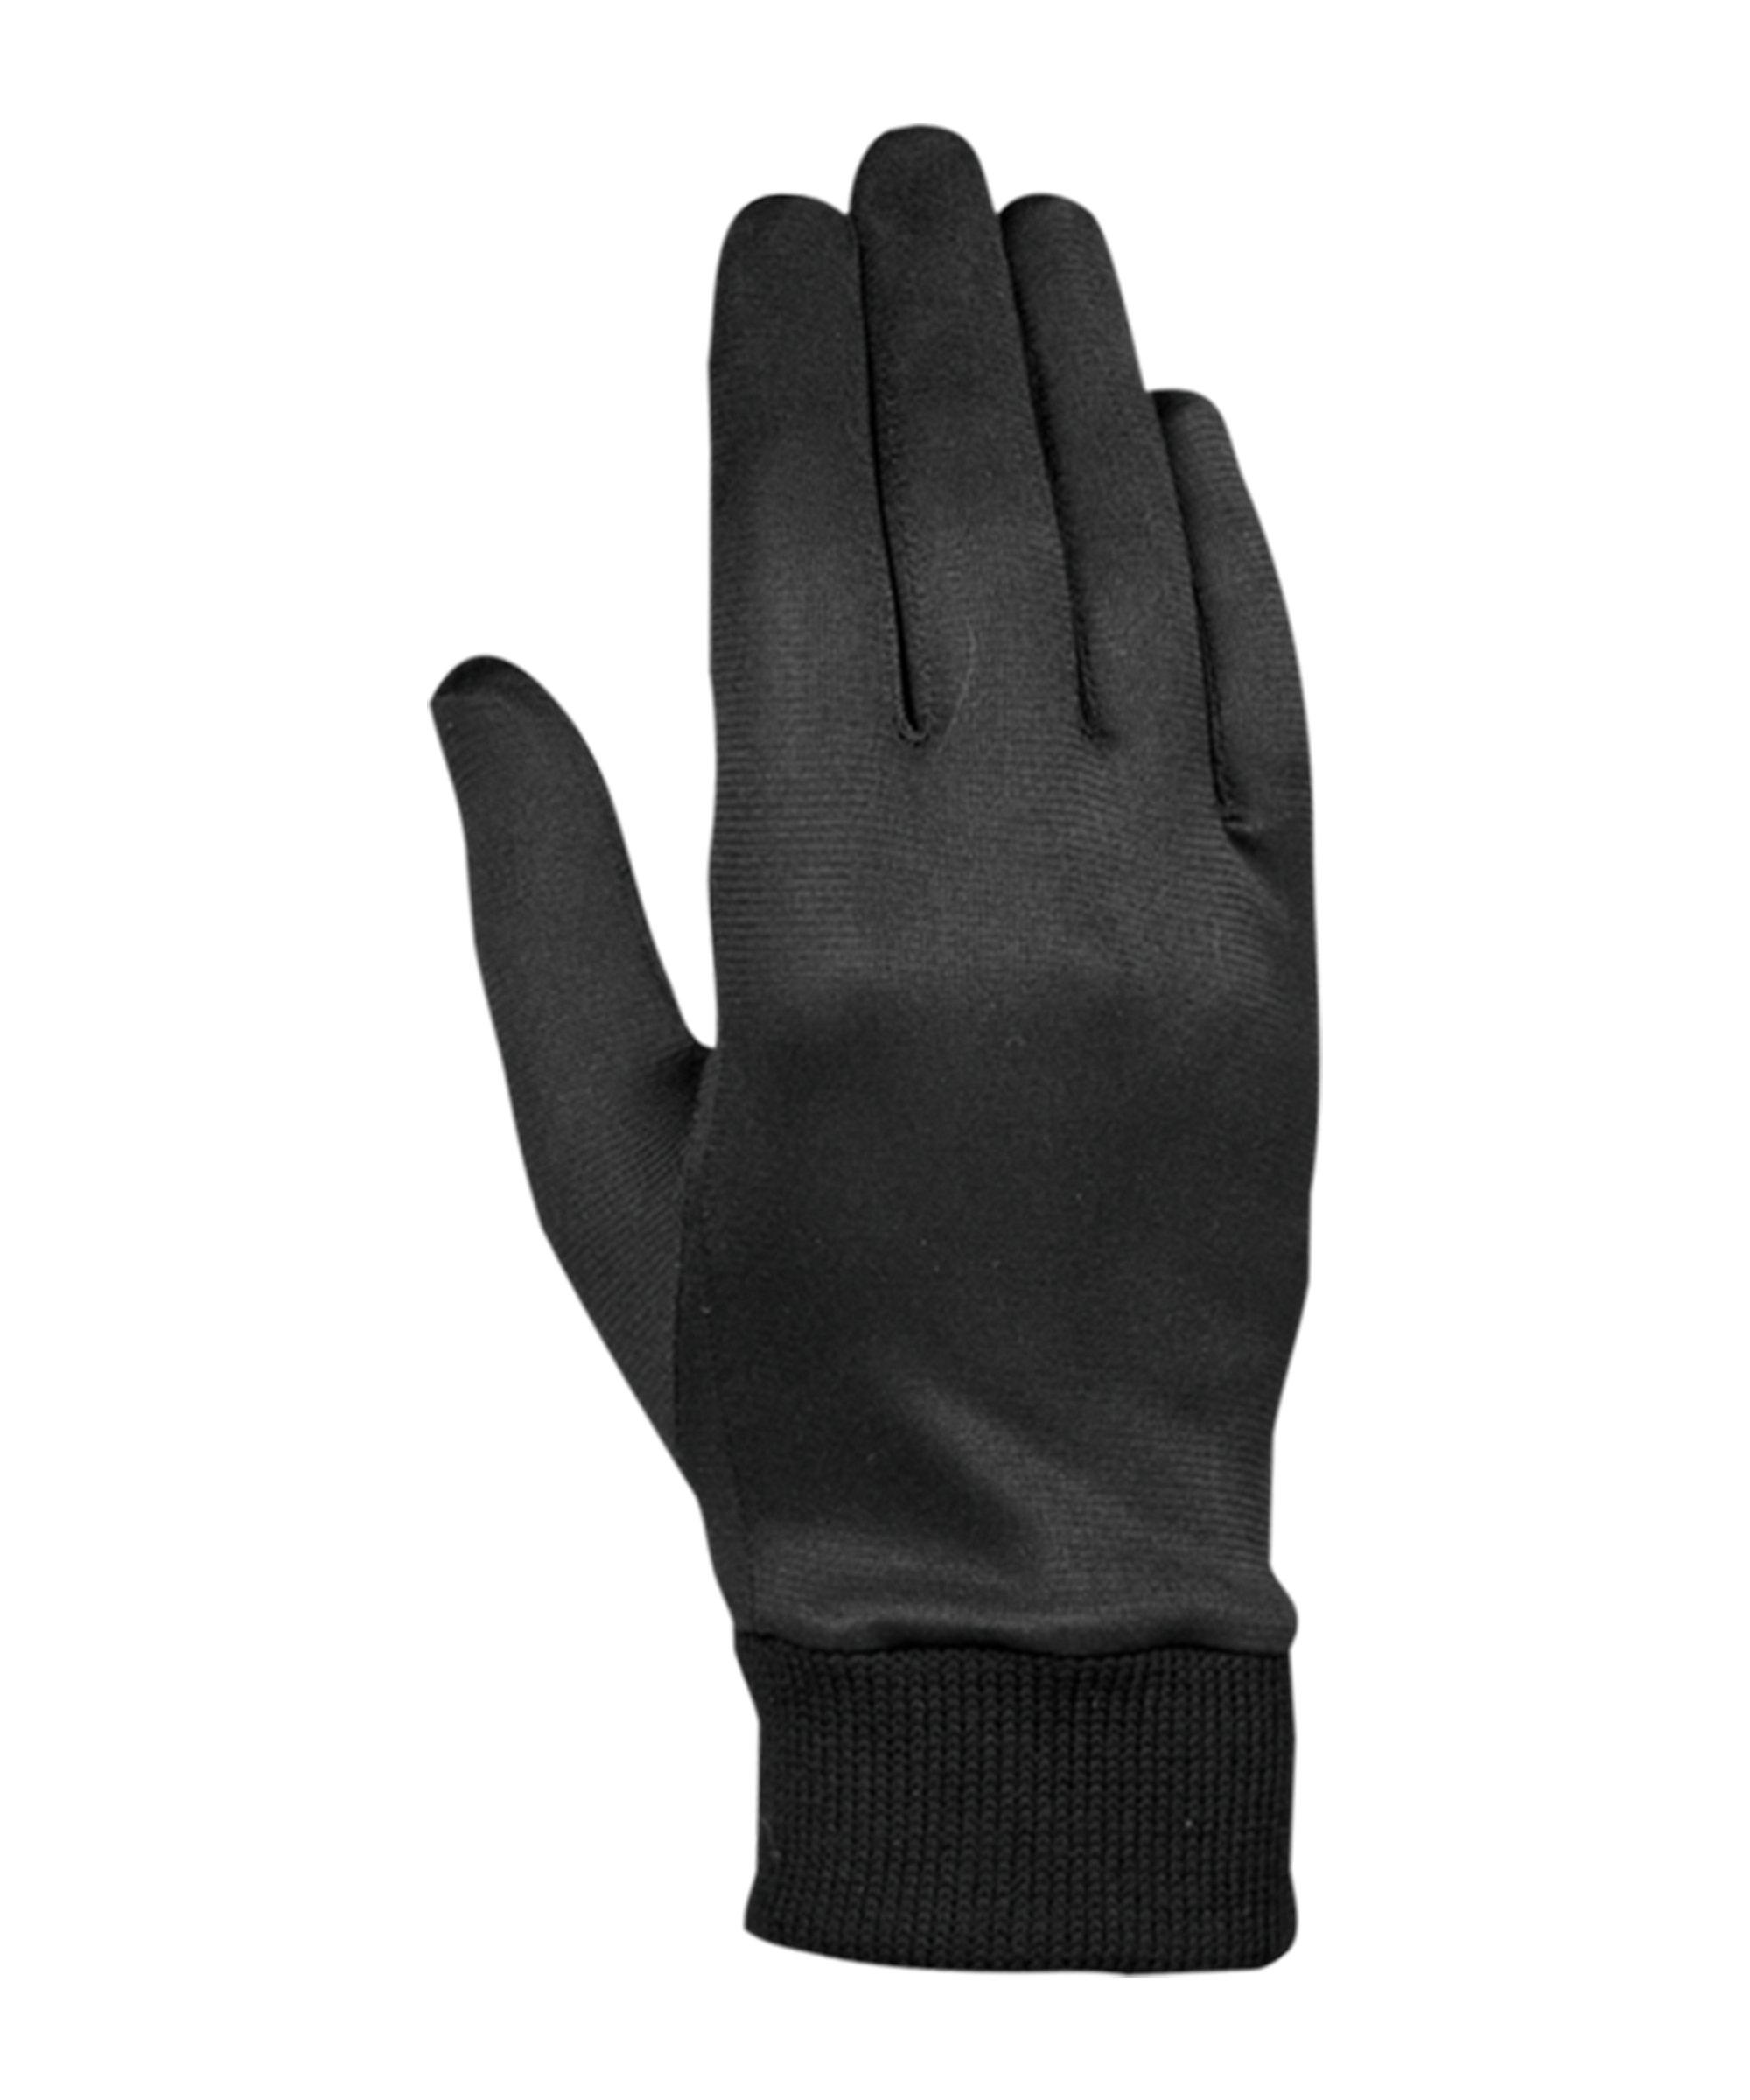 Reusch Dryzone Handschuhe Schwarz F700 - schwarz